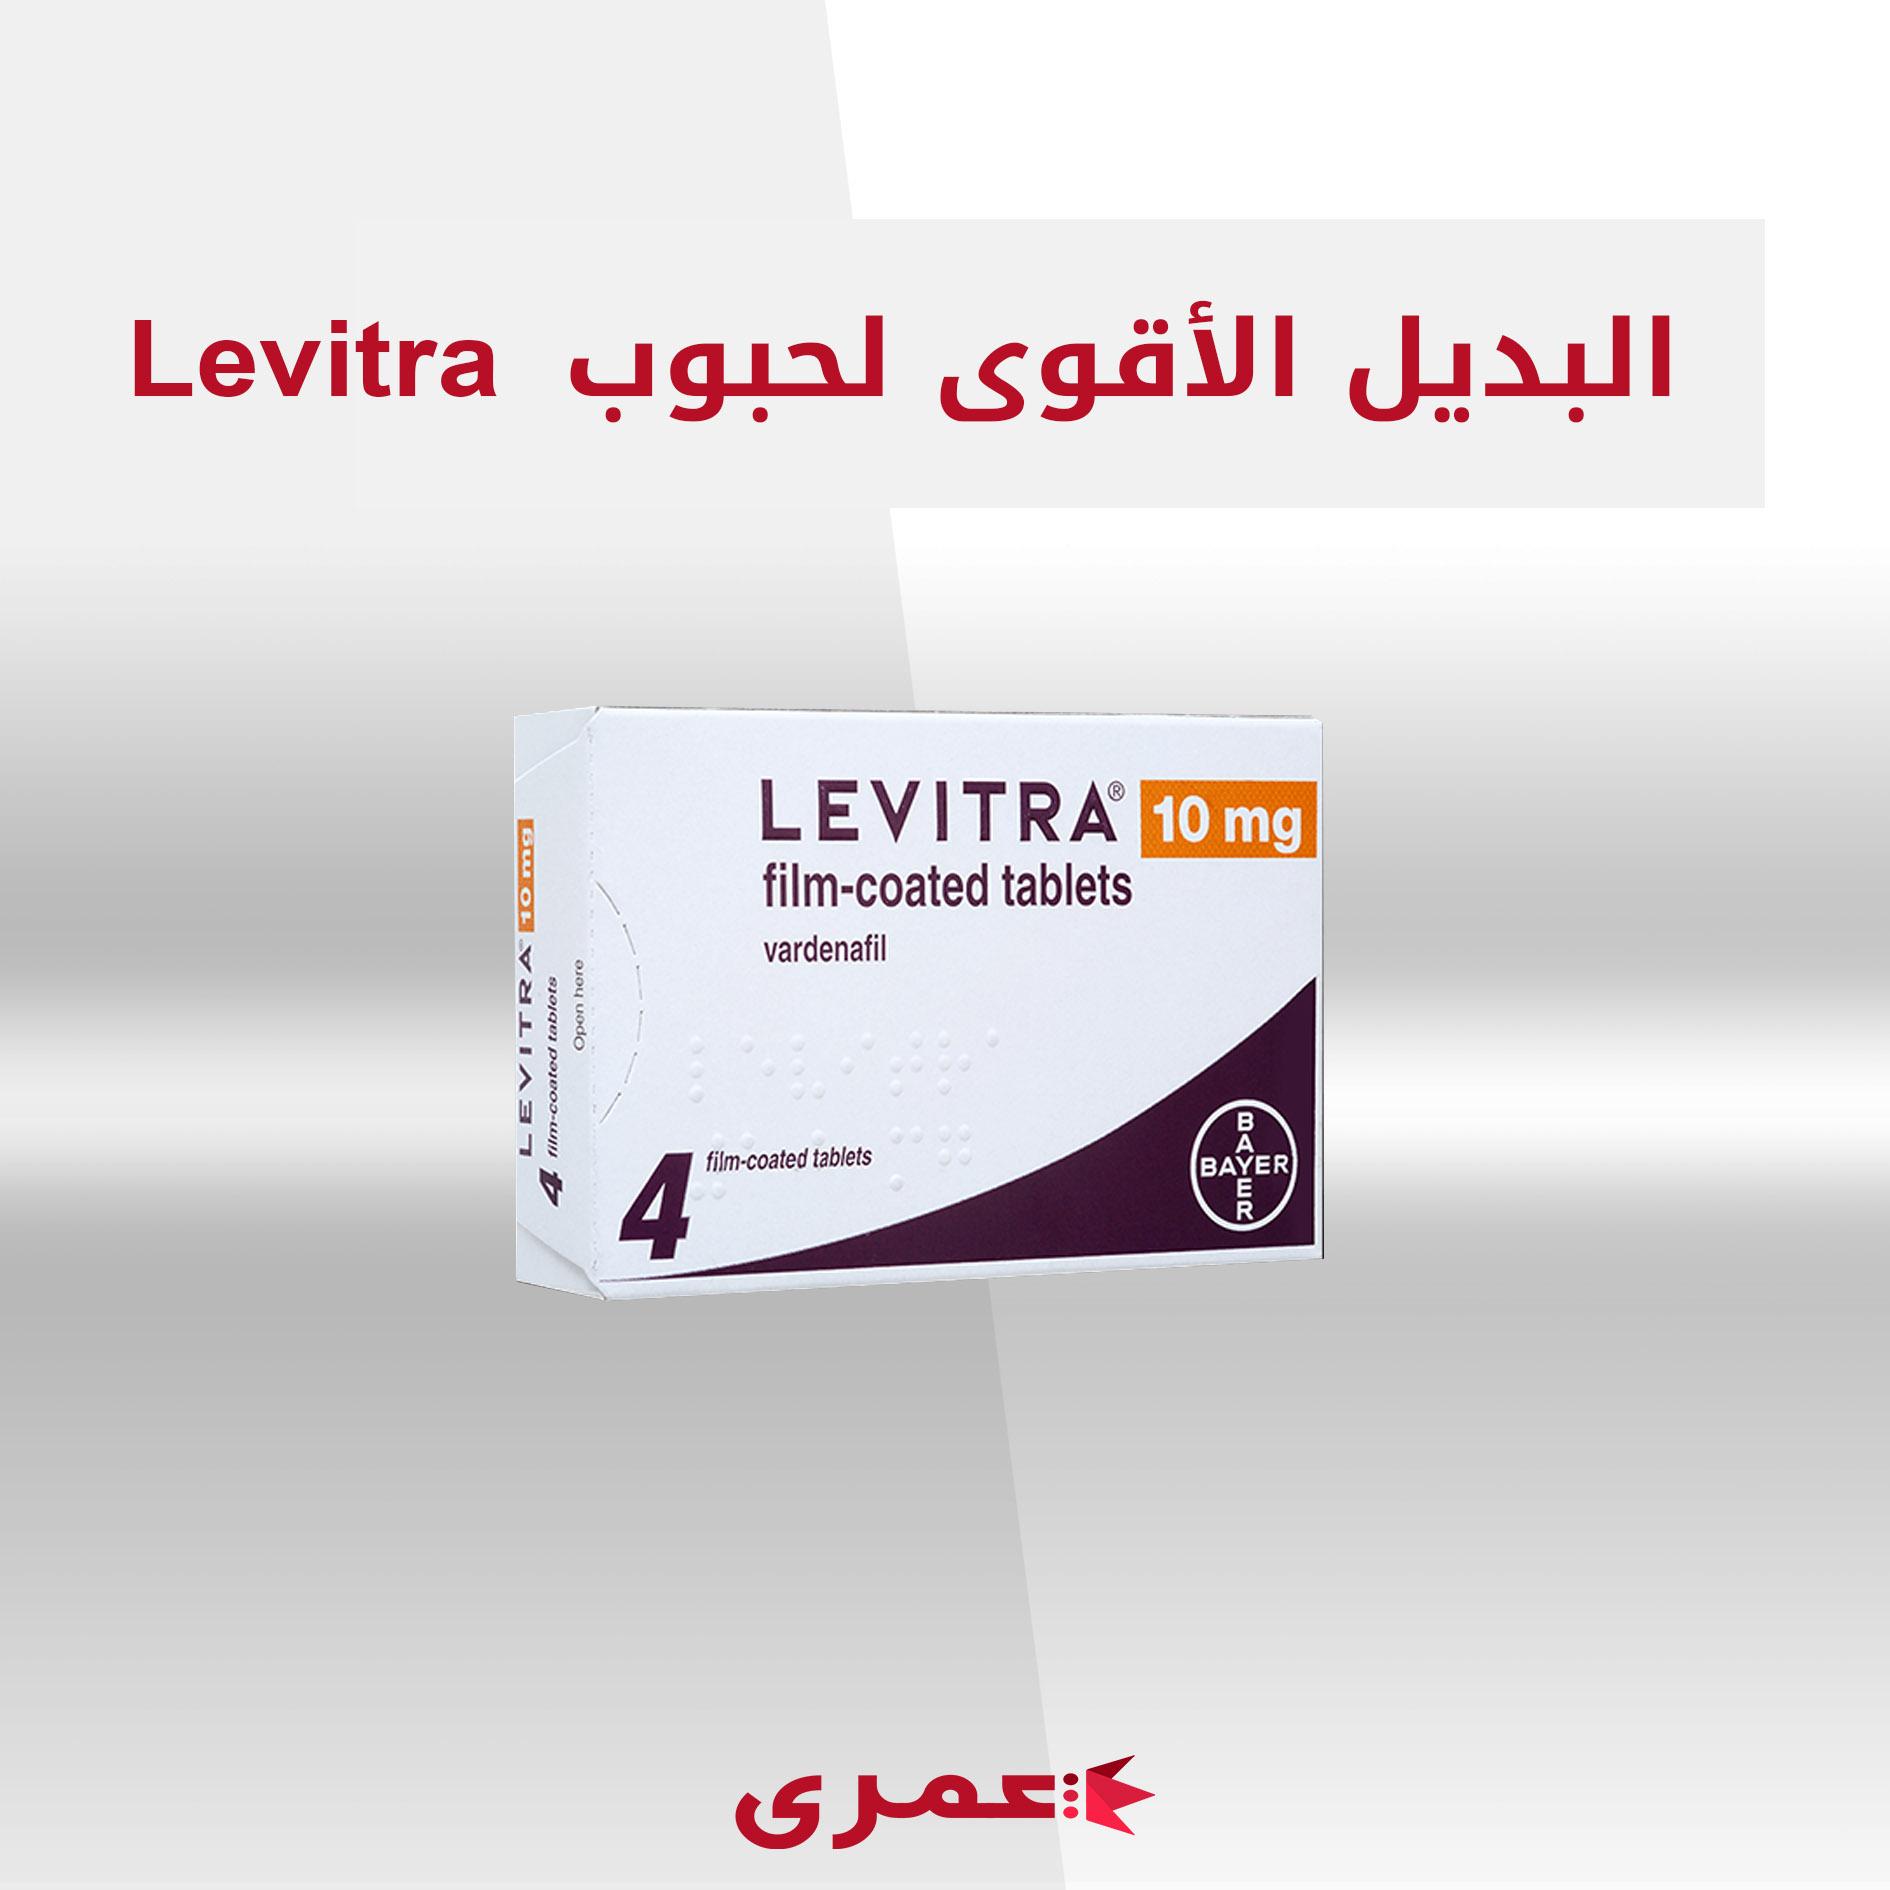 حبوب levitra